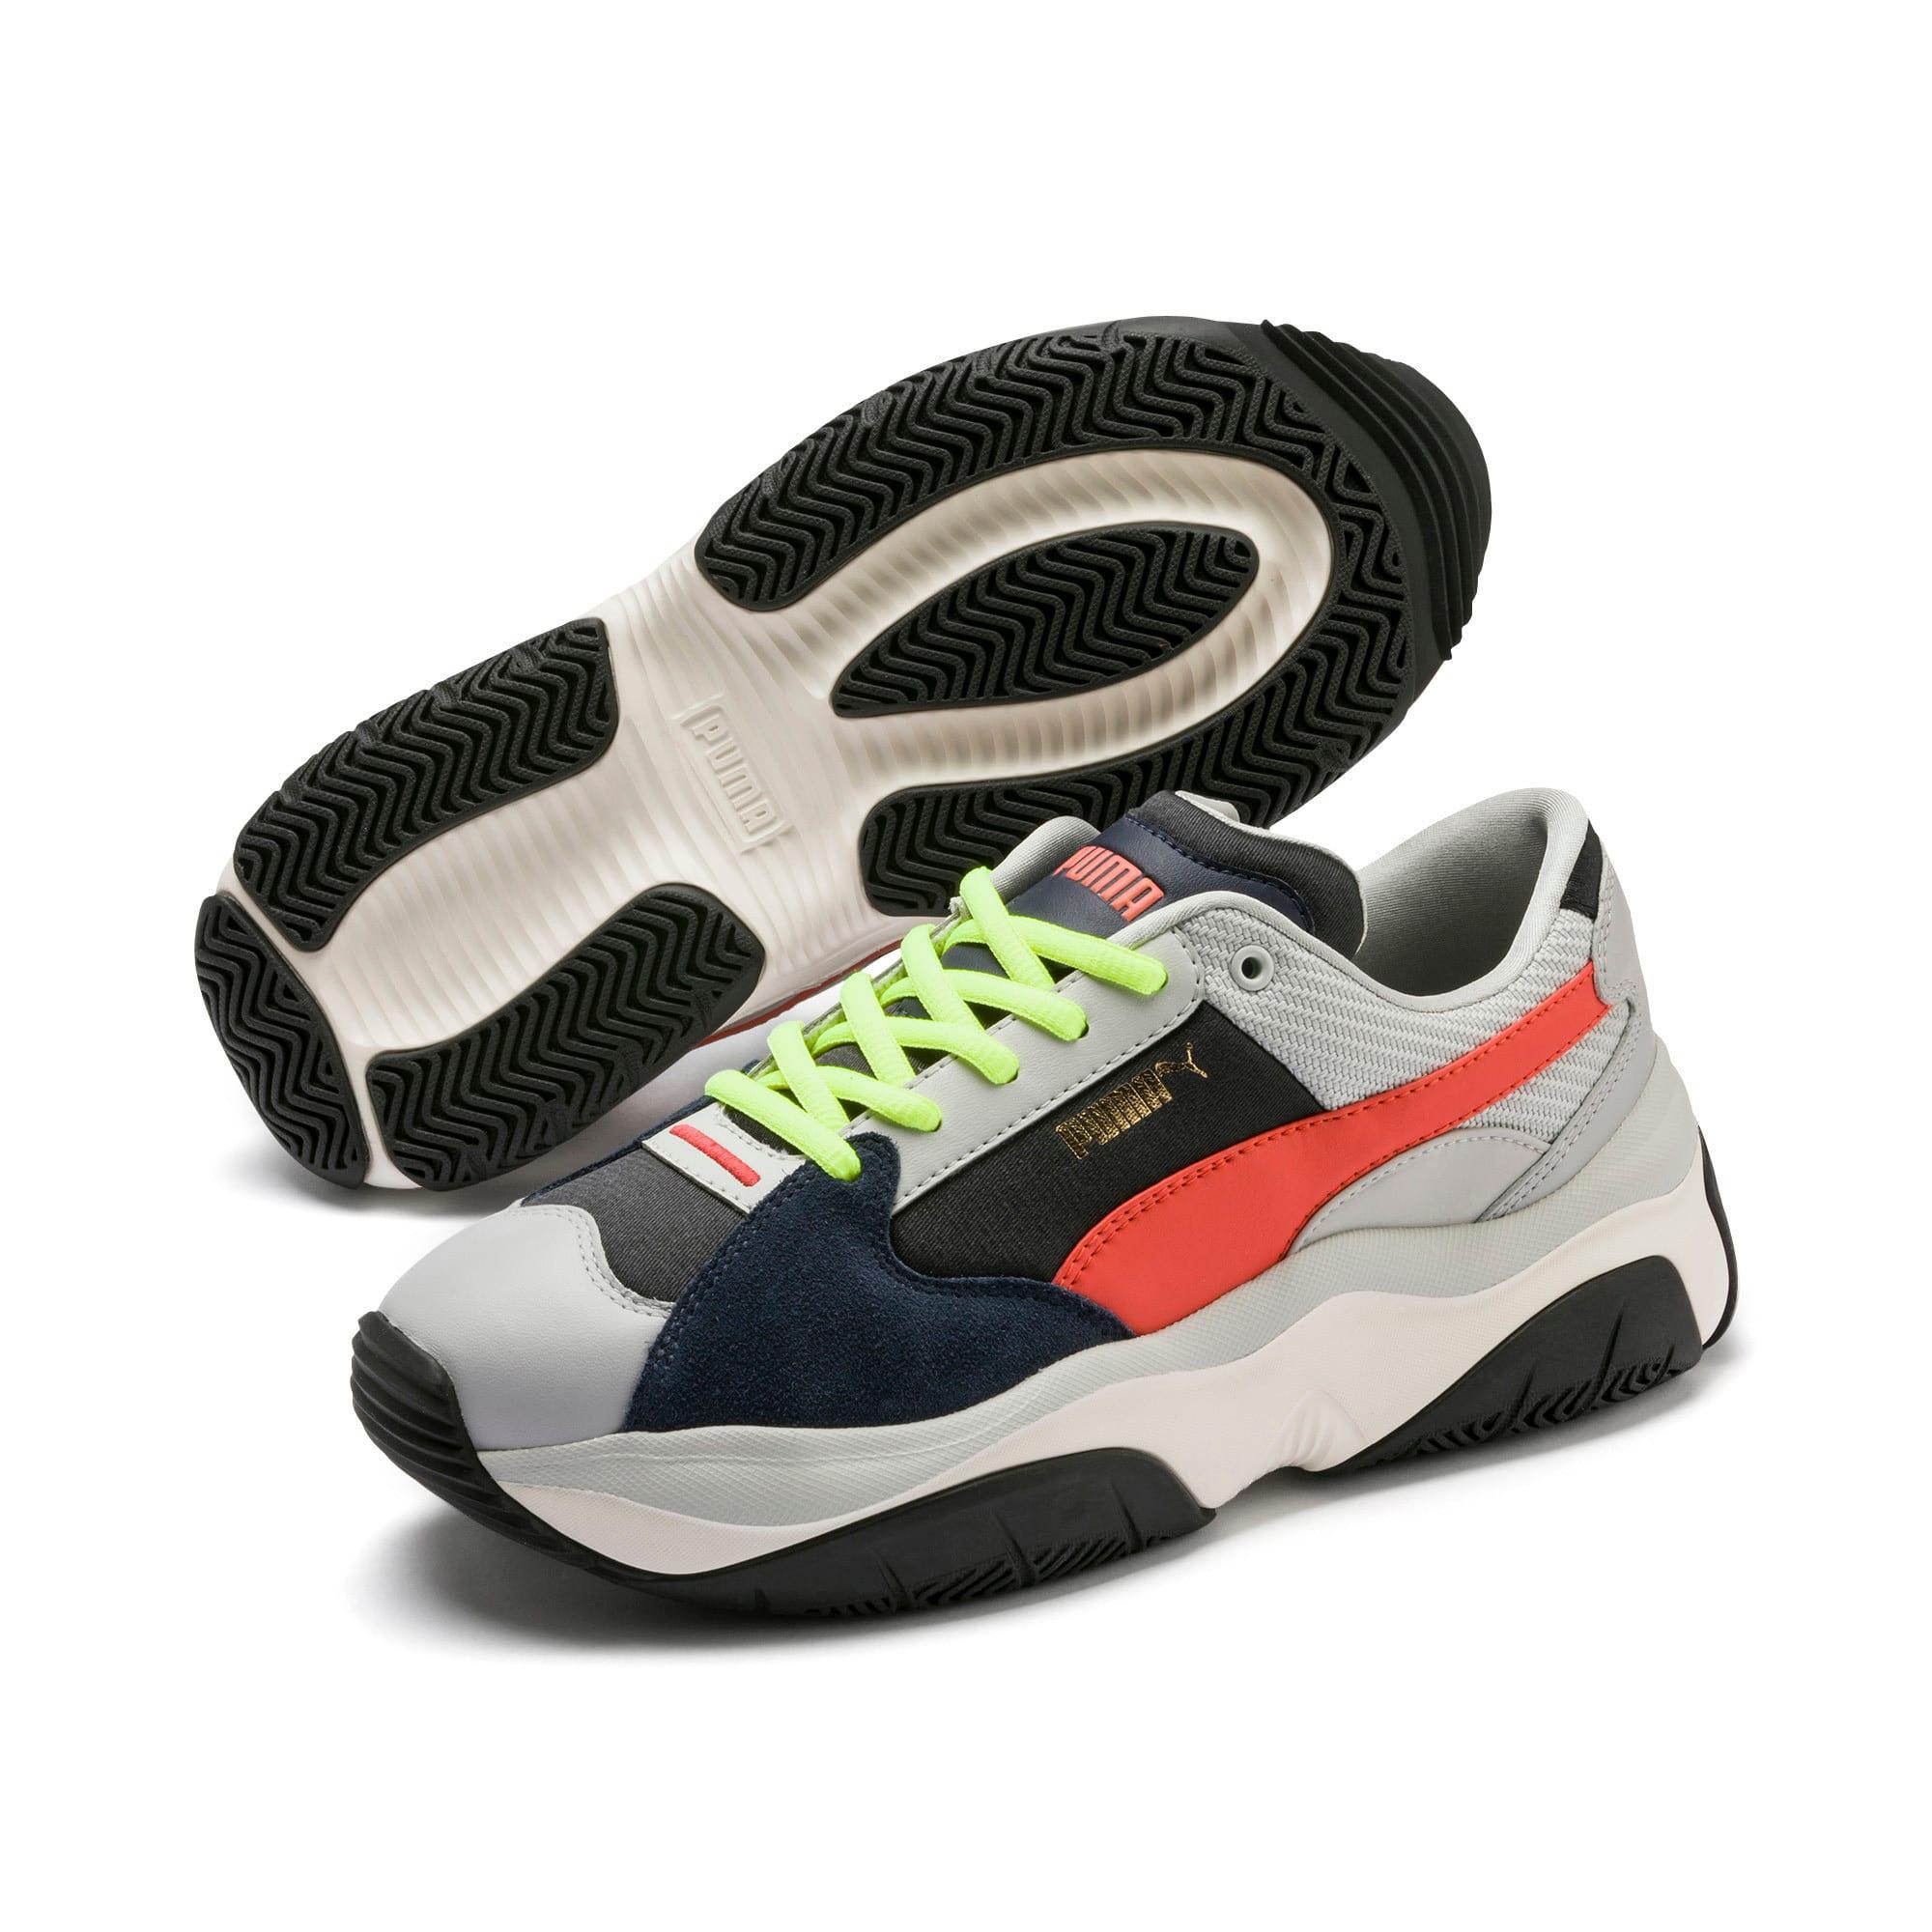 Imagen en miniatura 3 de Zapatillas de mujer STORM.Y, Gray Violet, mediana